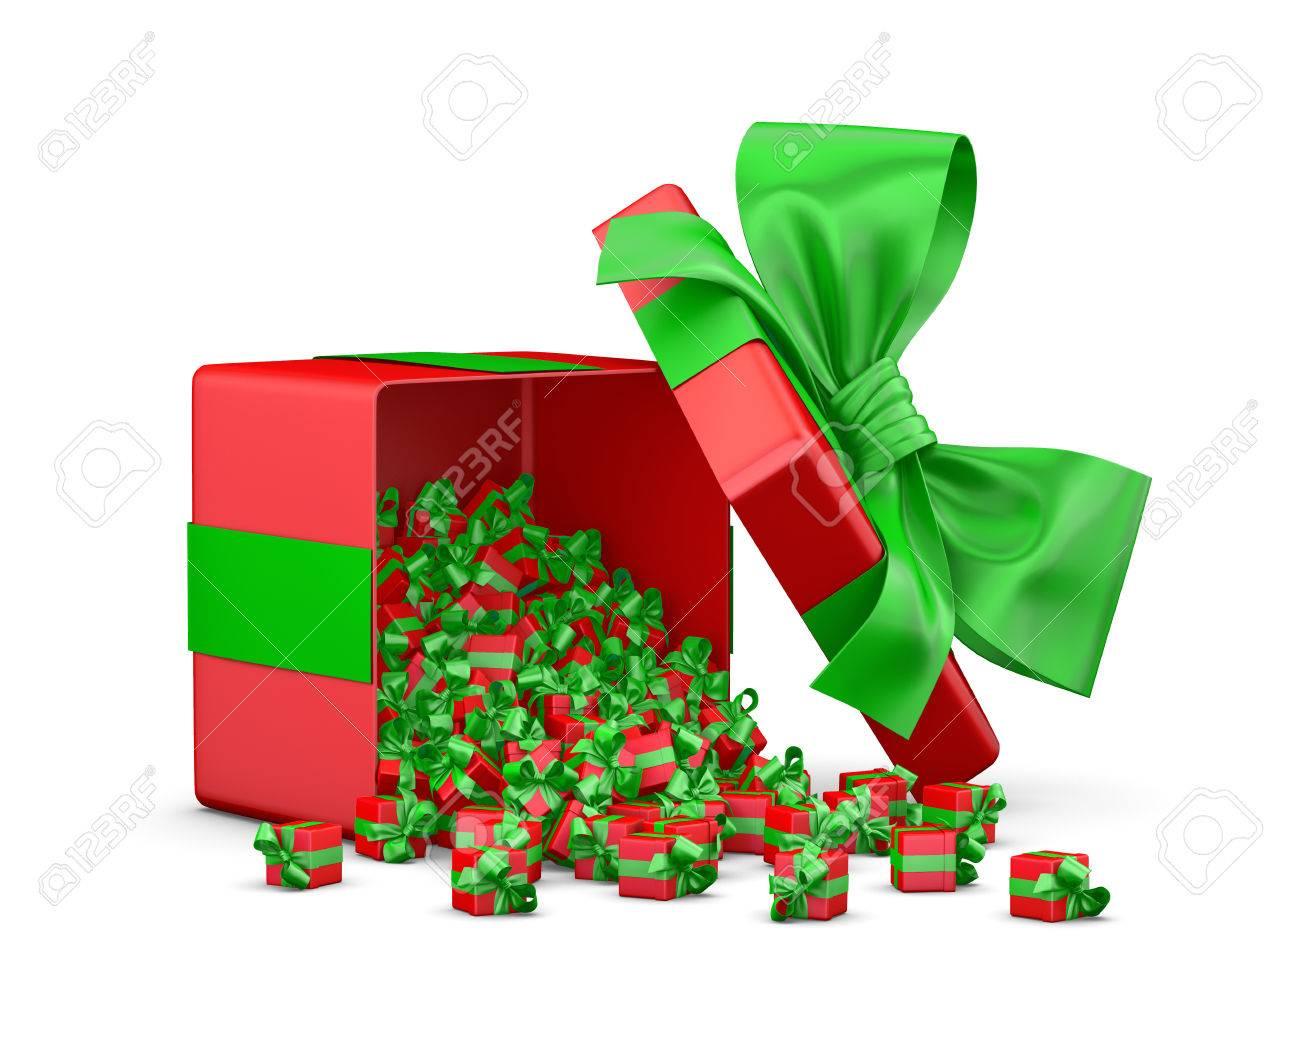 Viele Rote Geschenke Für Weihnachten Neujahr Open Großes Geschenk